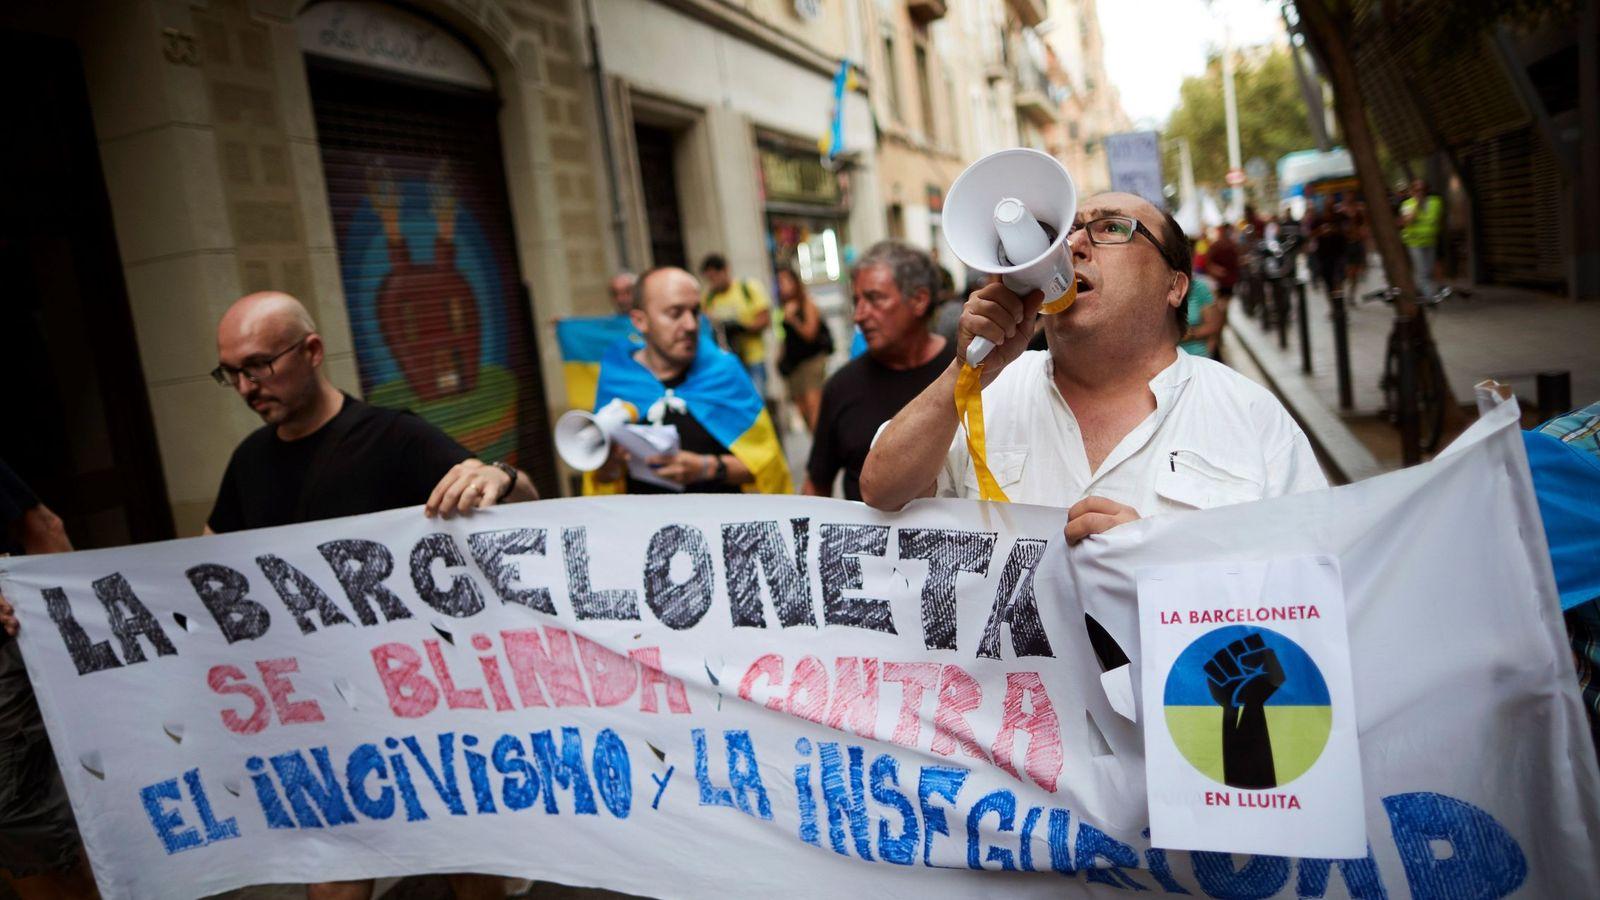 Inseguridad En La Inseguridad Barcelona En La La En Inseguridad Barcelona Barcelona La CtohQrxsdB